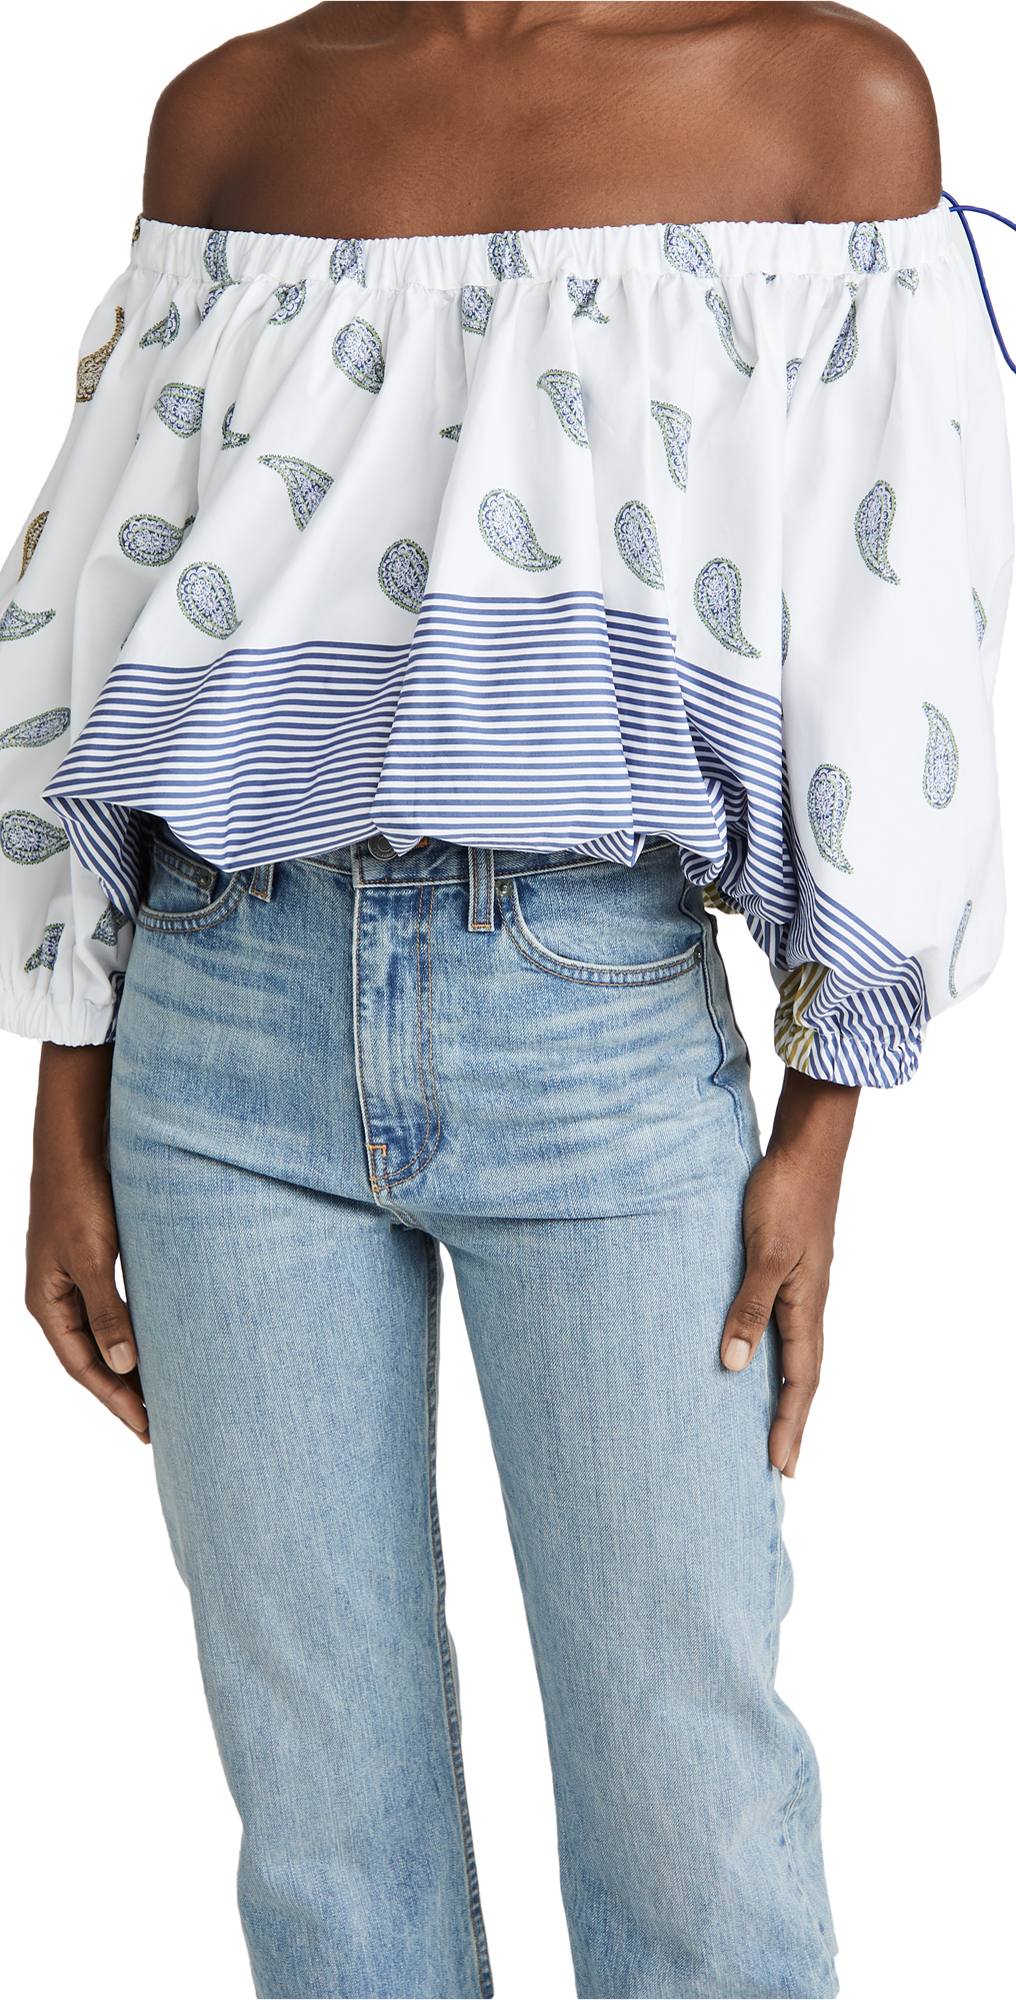 Silvia Tcherassi Mutiny Shirt